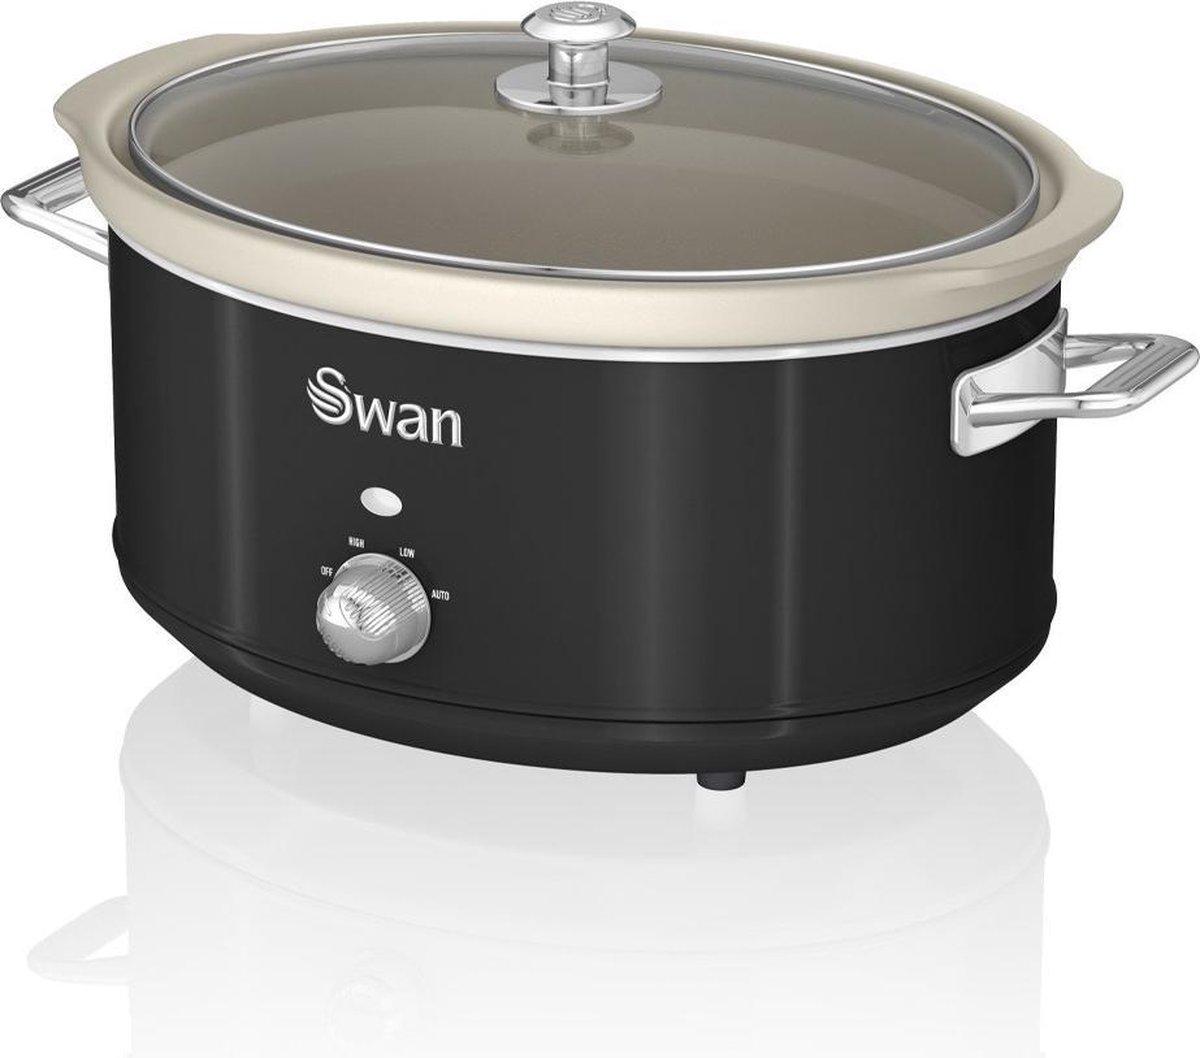 Swan Retro Slowcooker Zwart 6.5 liter online kopen